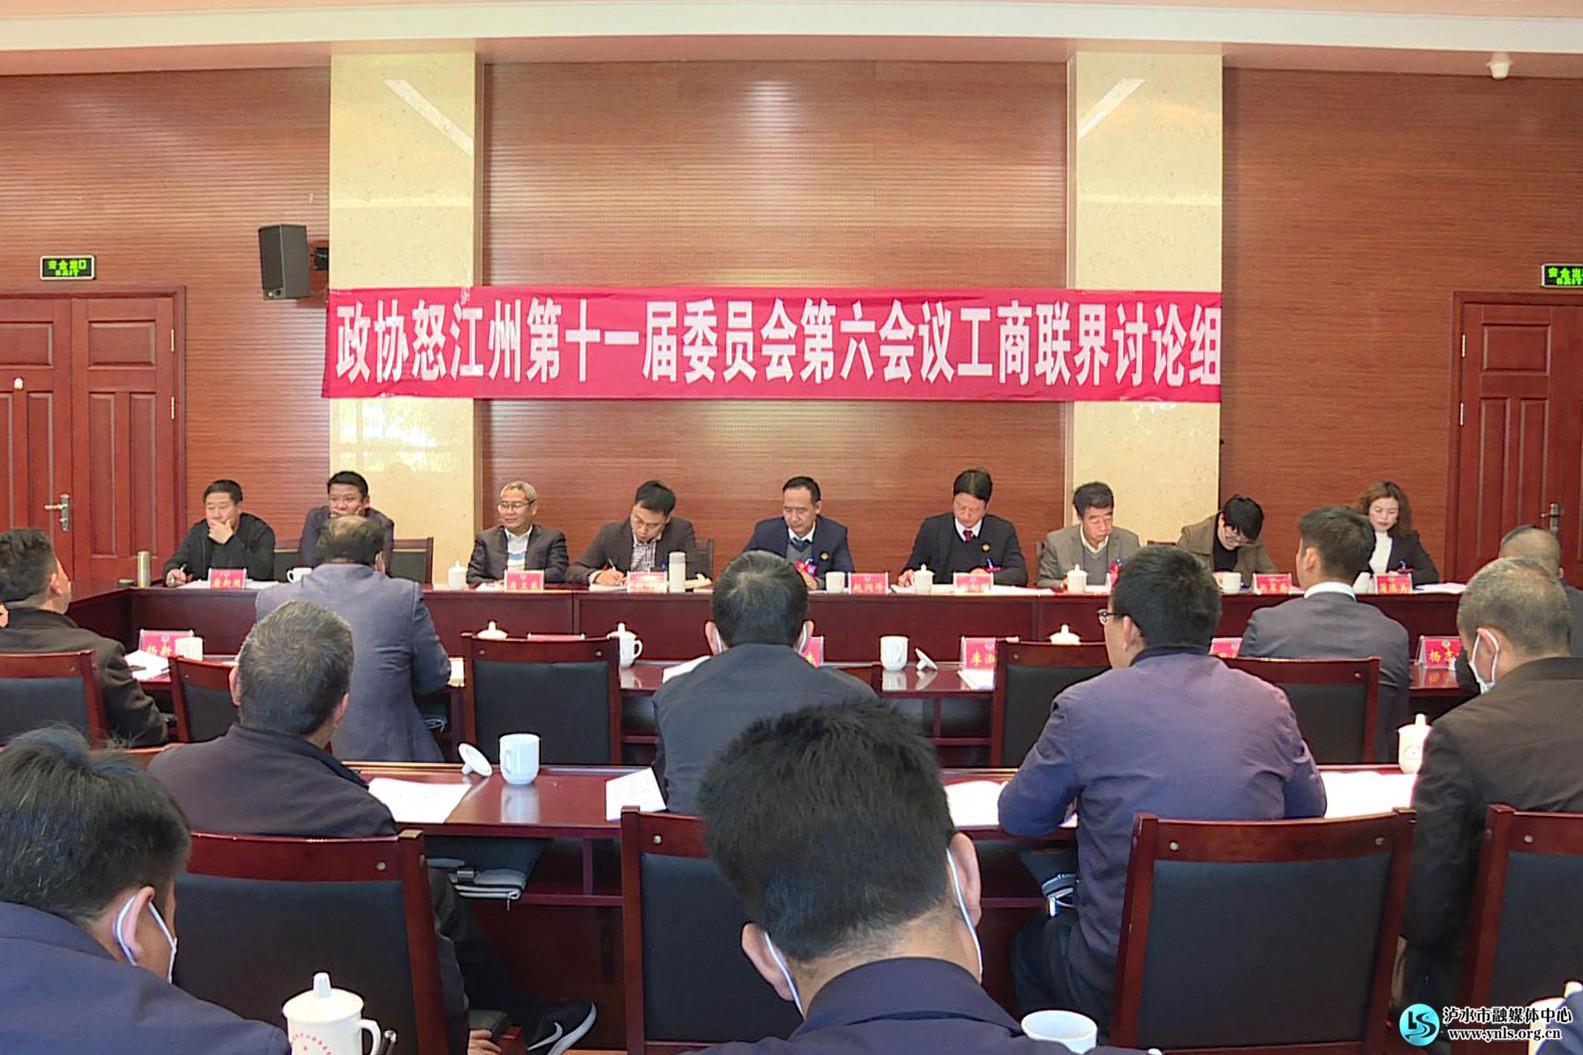 出席怒江州政协十一届六次会议的驻泸水州政协委员 认真讨论常委会和提案工作报告